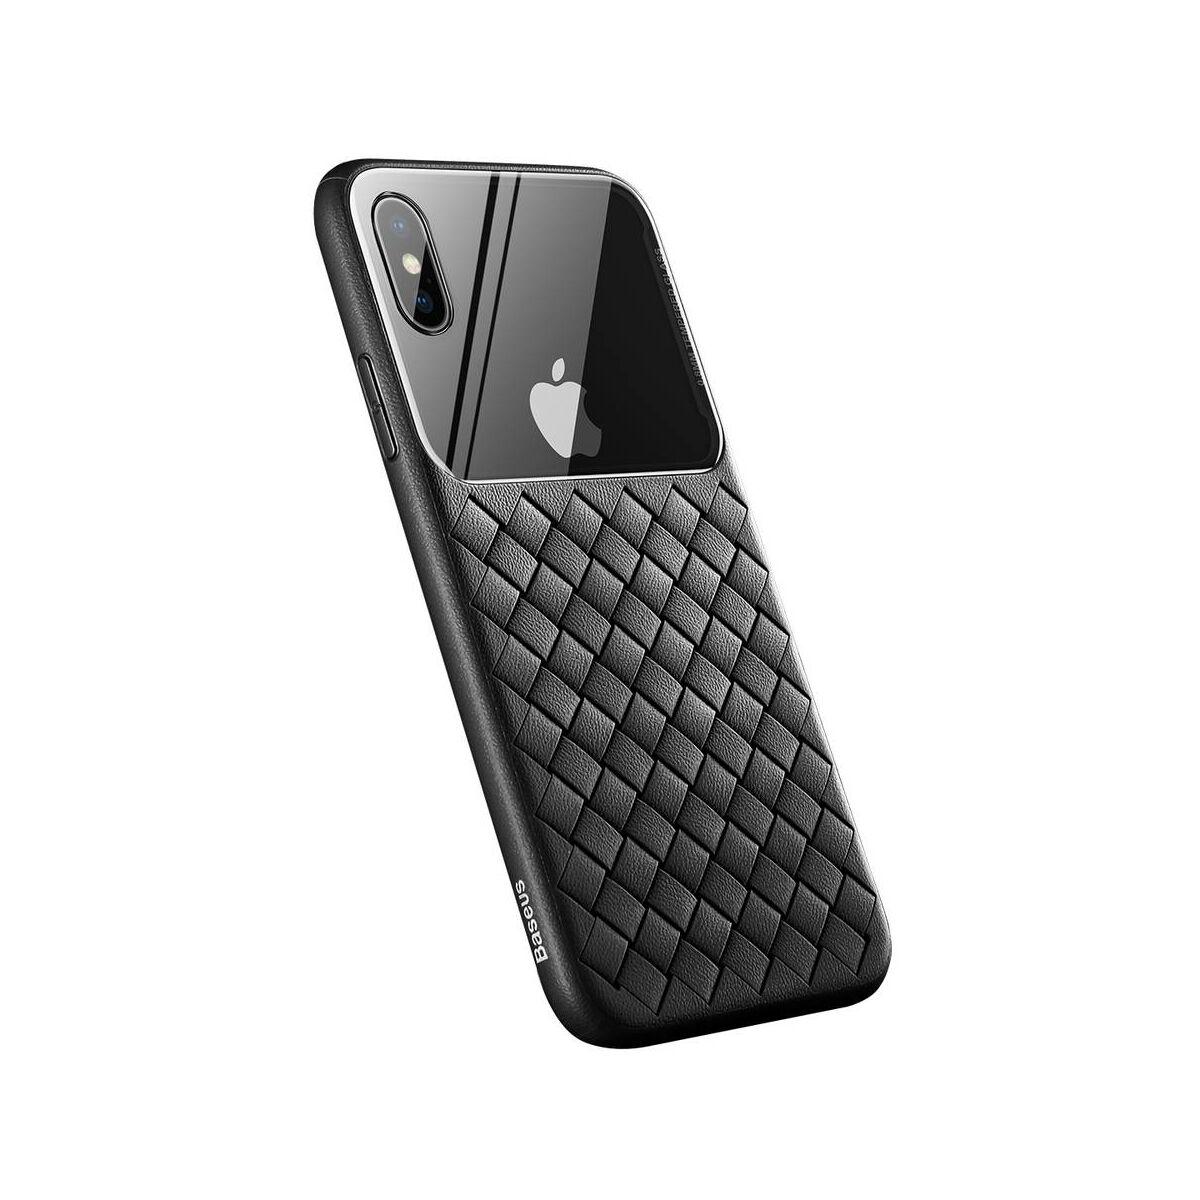 Baseus iPhone XS üveg & tok, BV Weaving, fekete (WIAPIPH58-BL01)